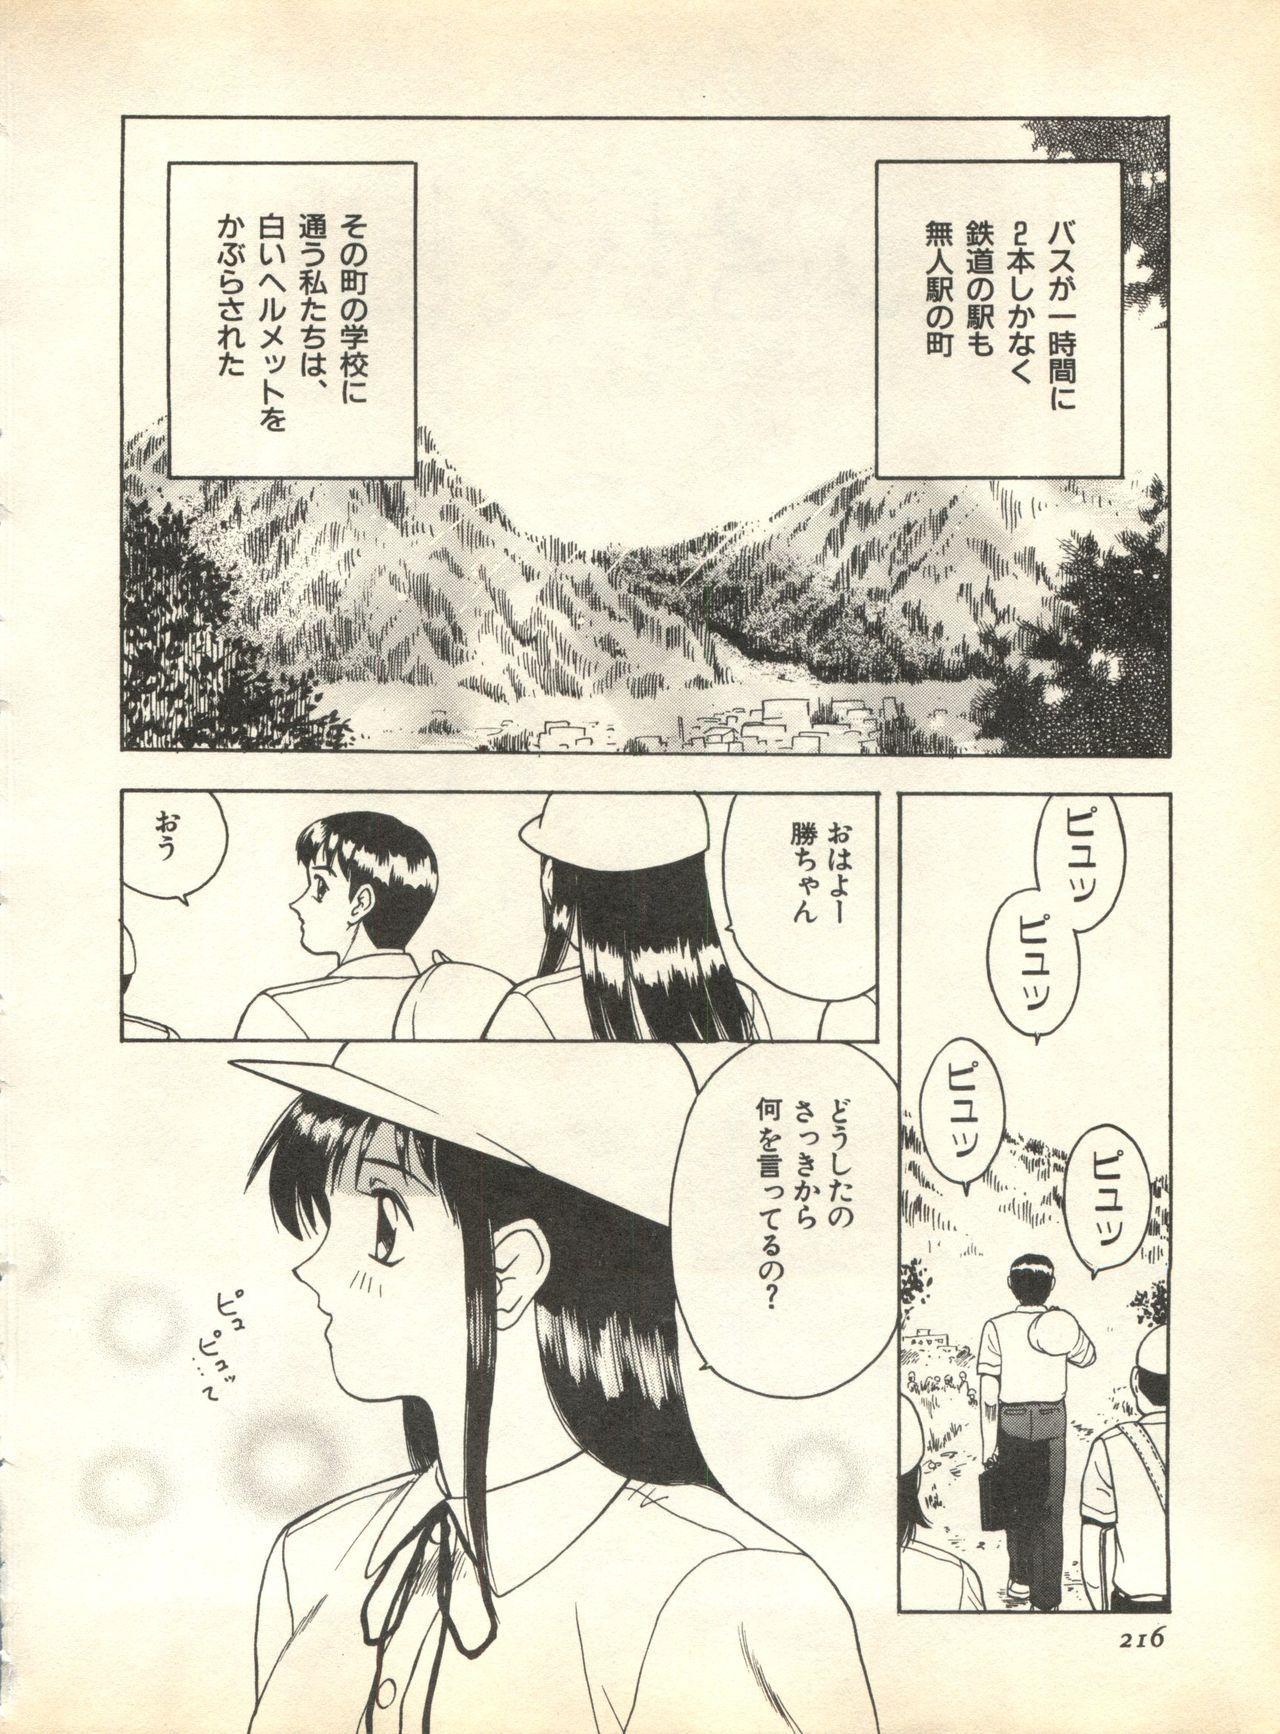 Pai;kuu 1998 October Vol. 13 215